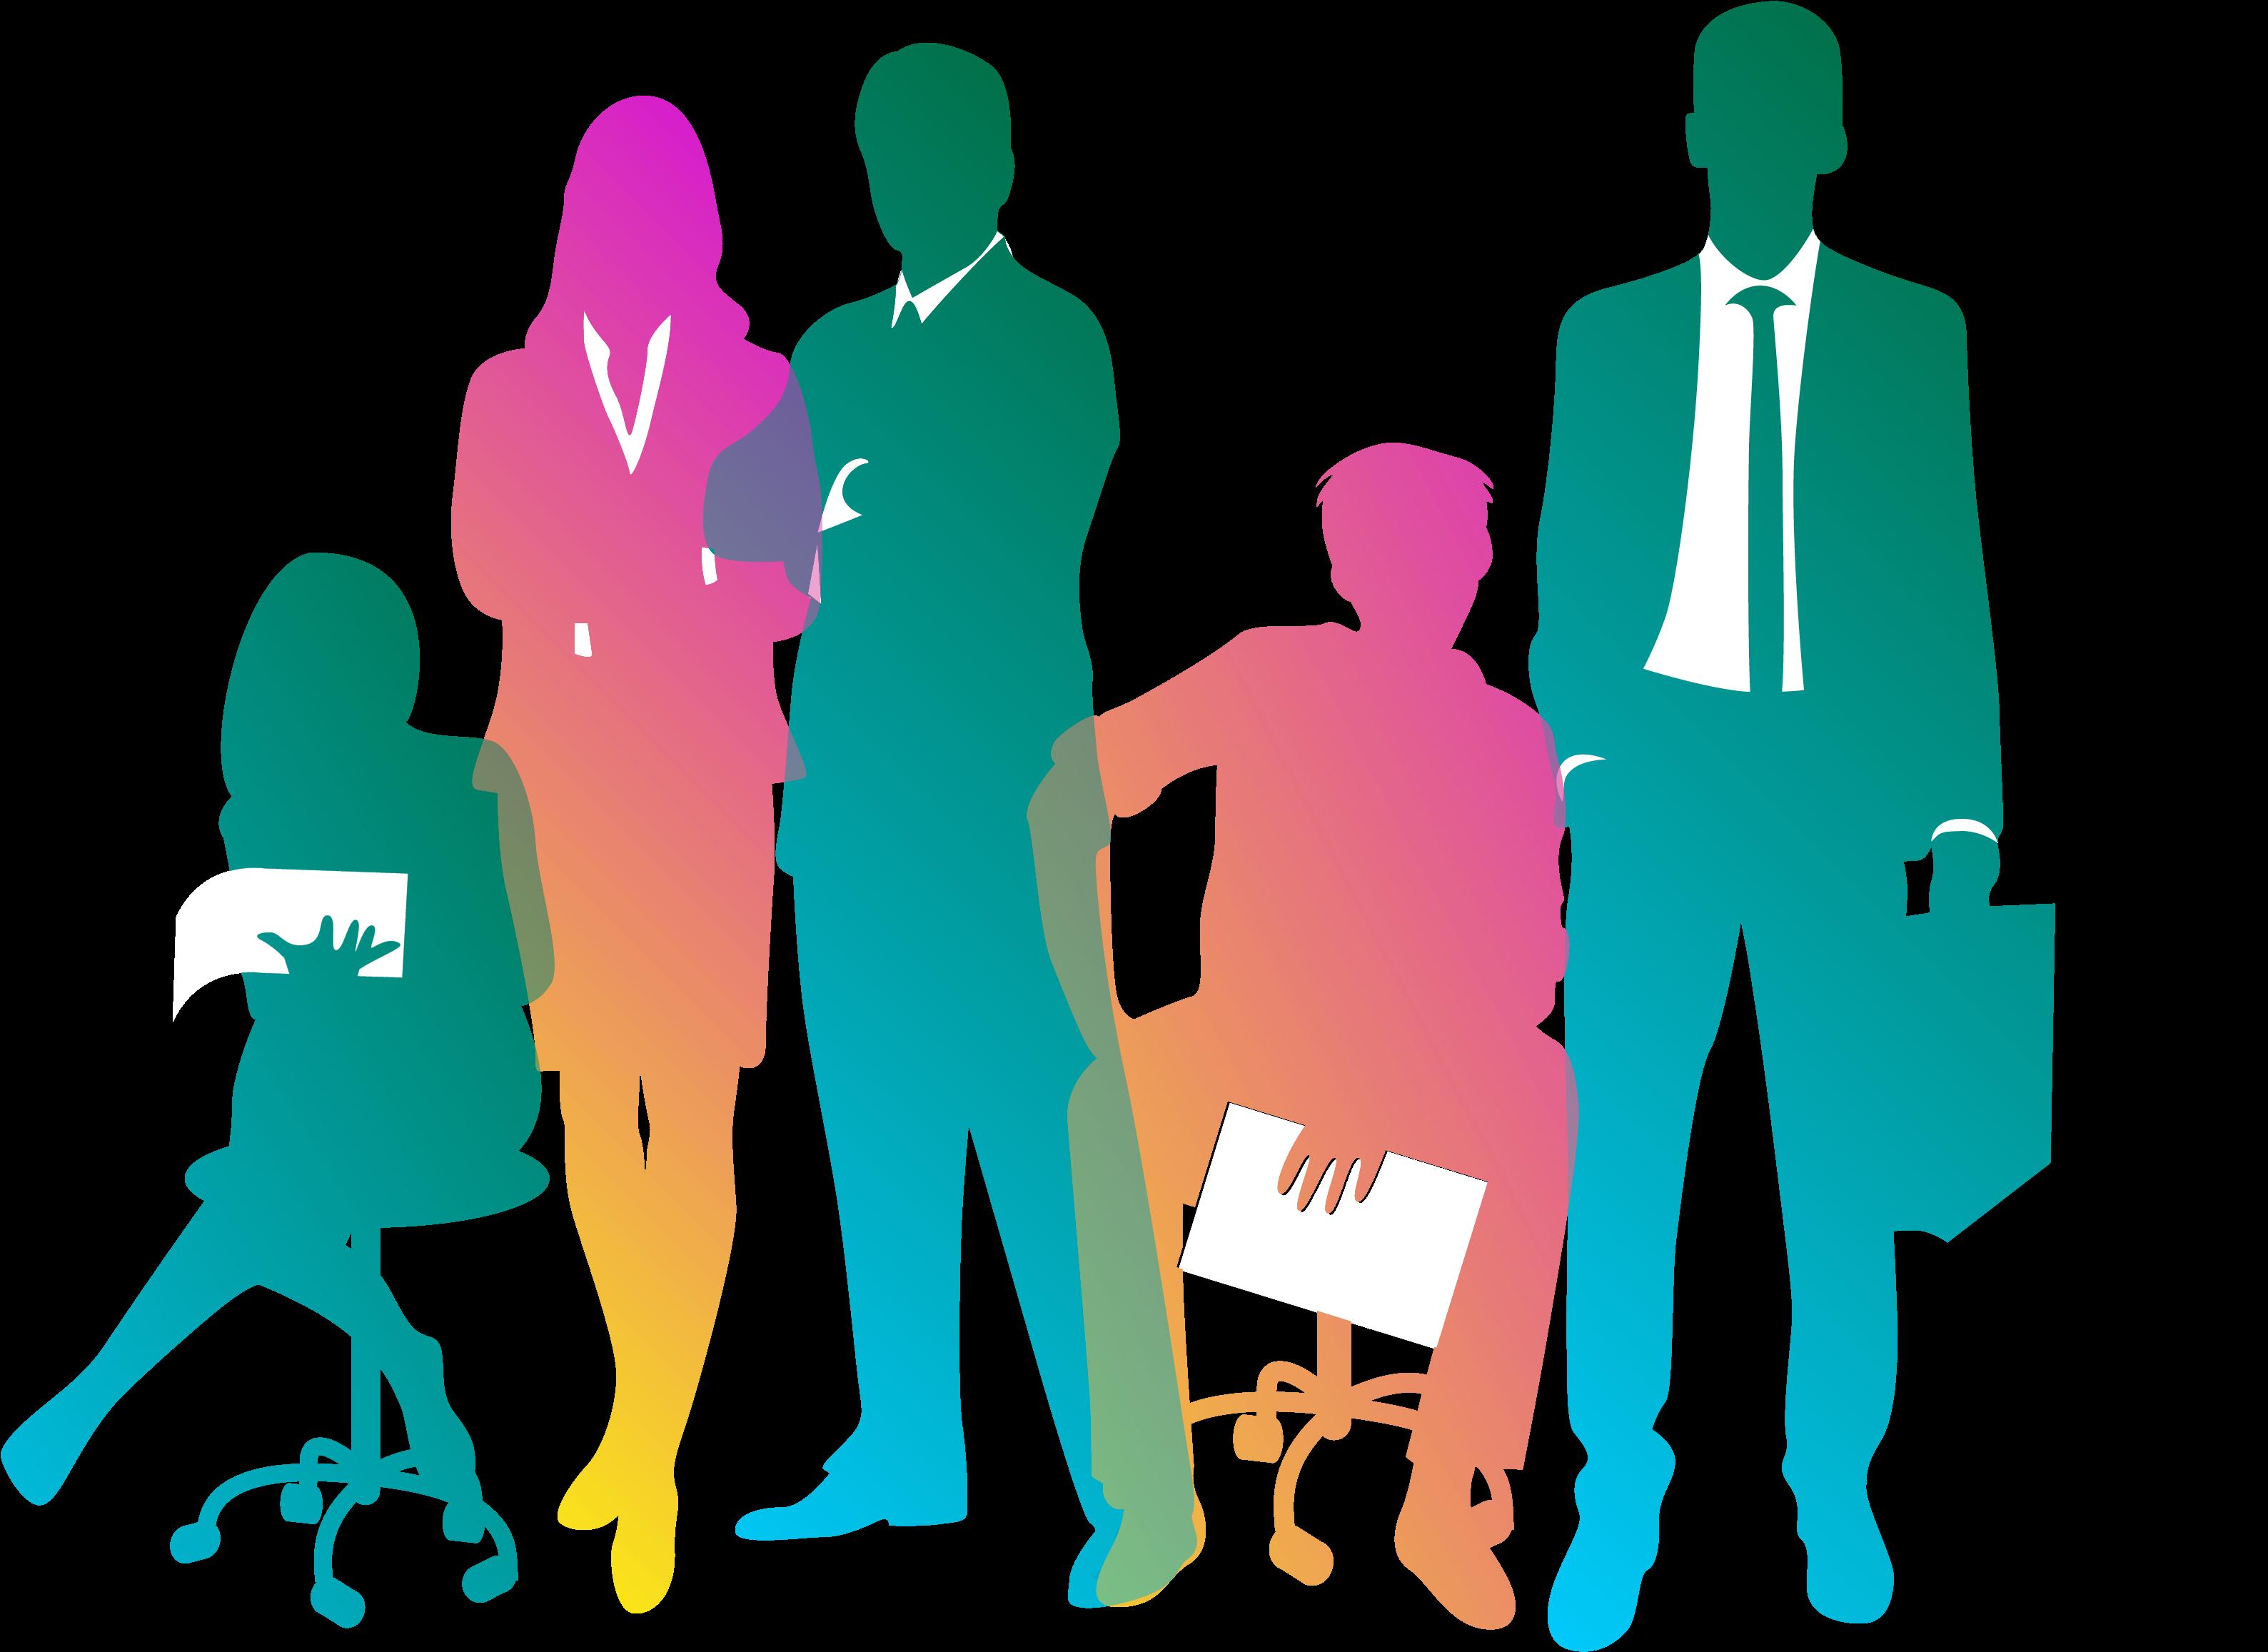 Картинки люди для логотипа